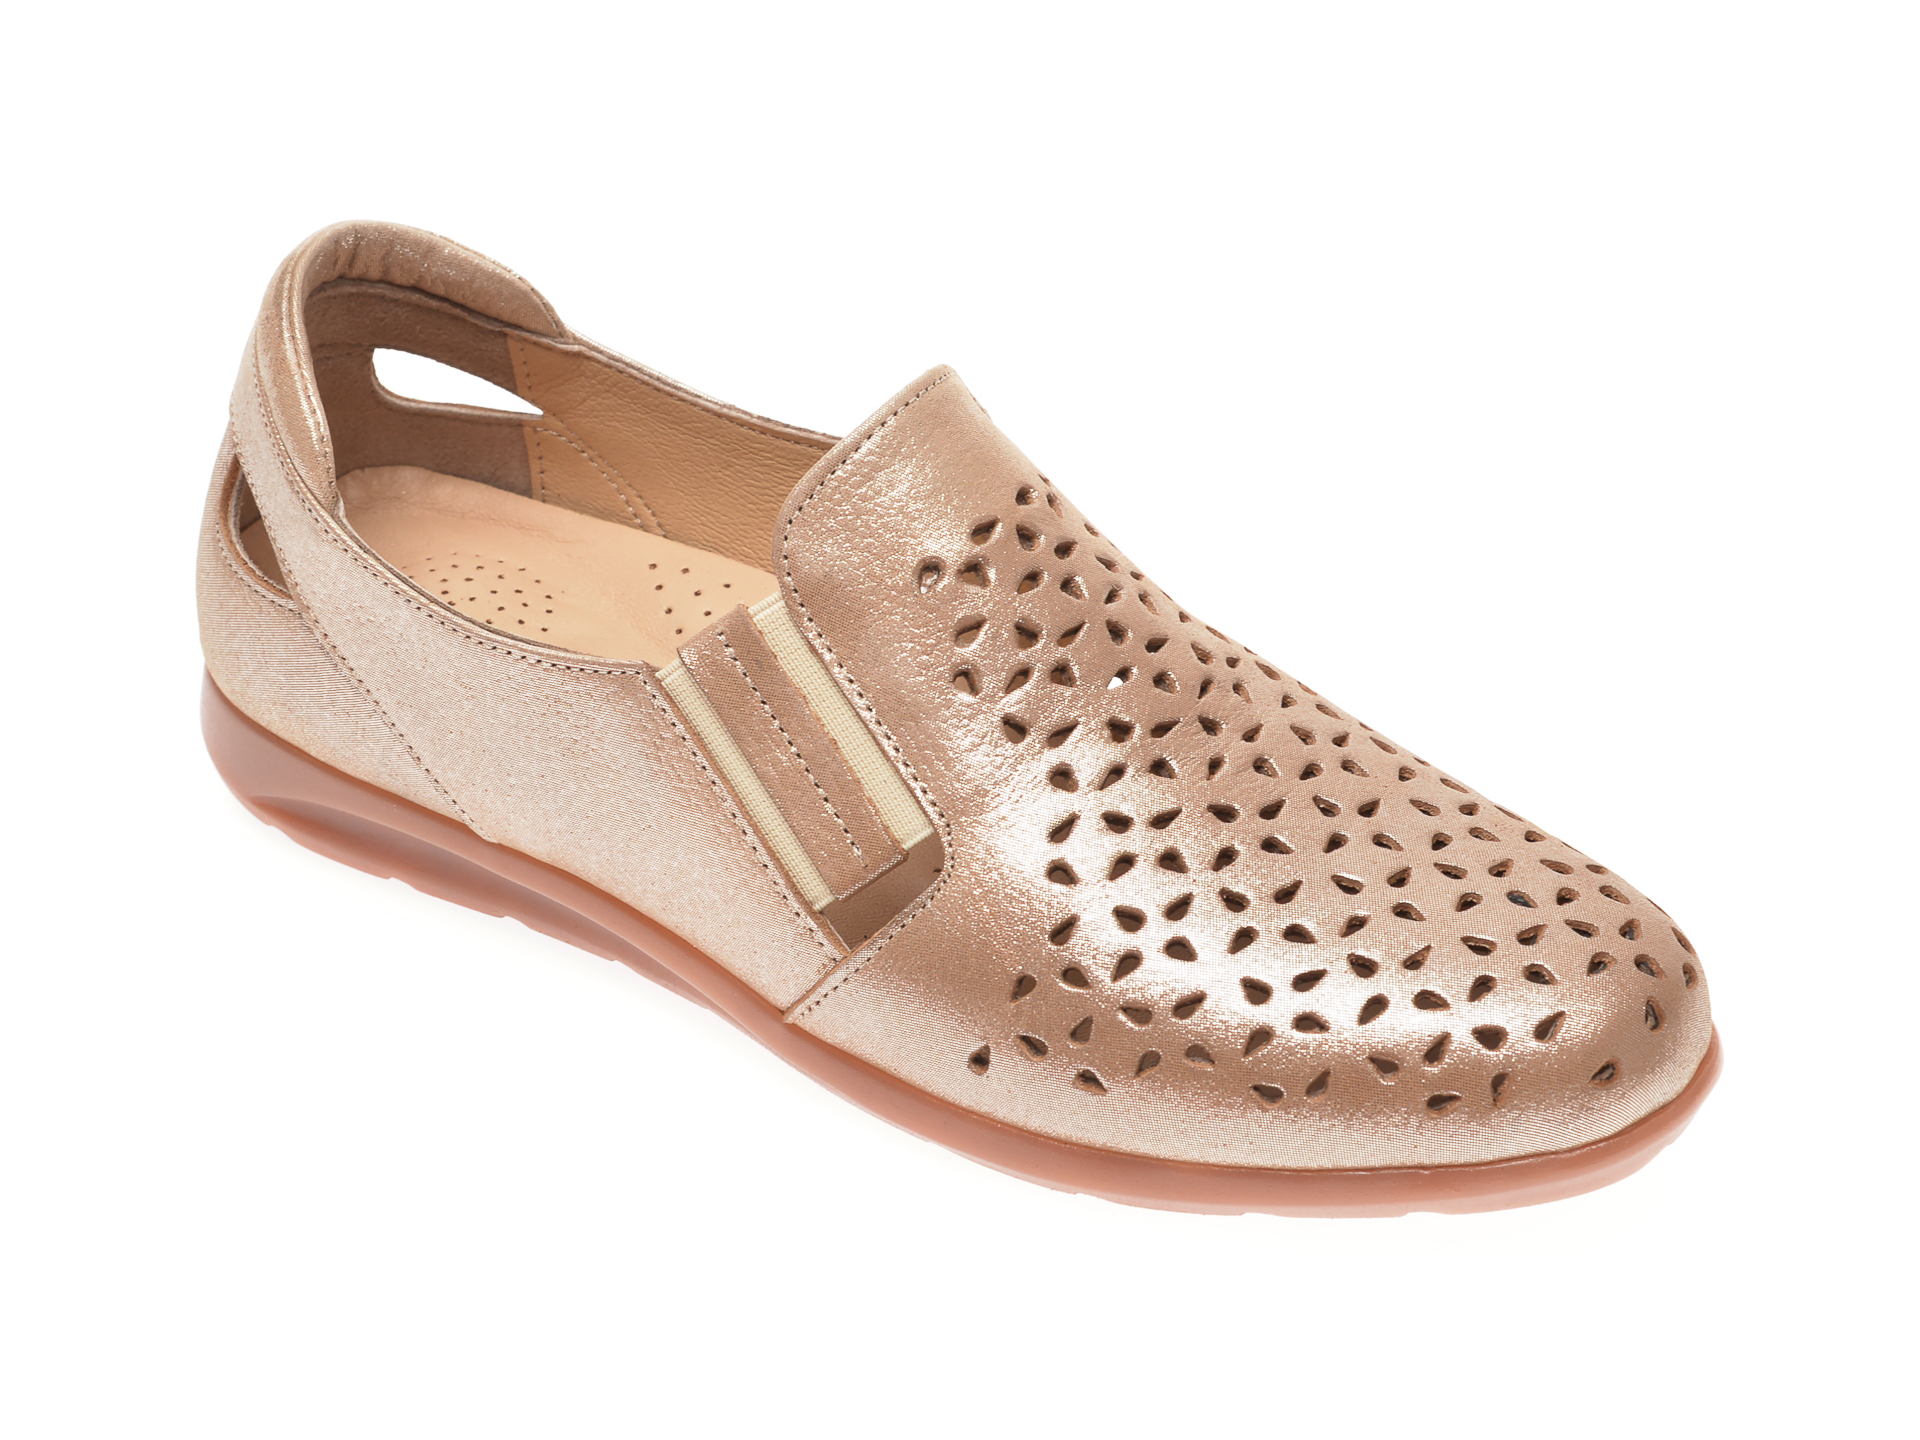 Pantofi PASS COLLECTION aurii, 14152, din piele naturala